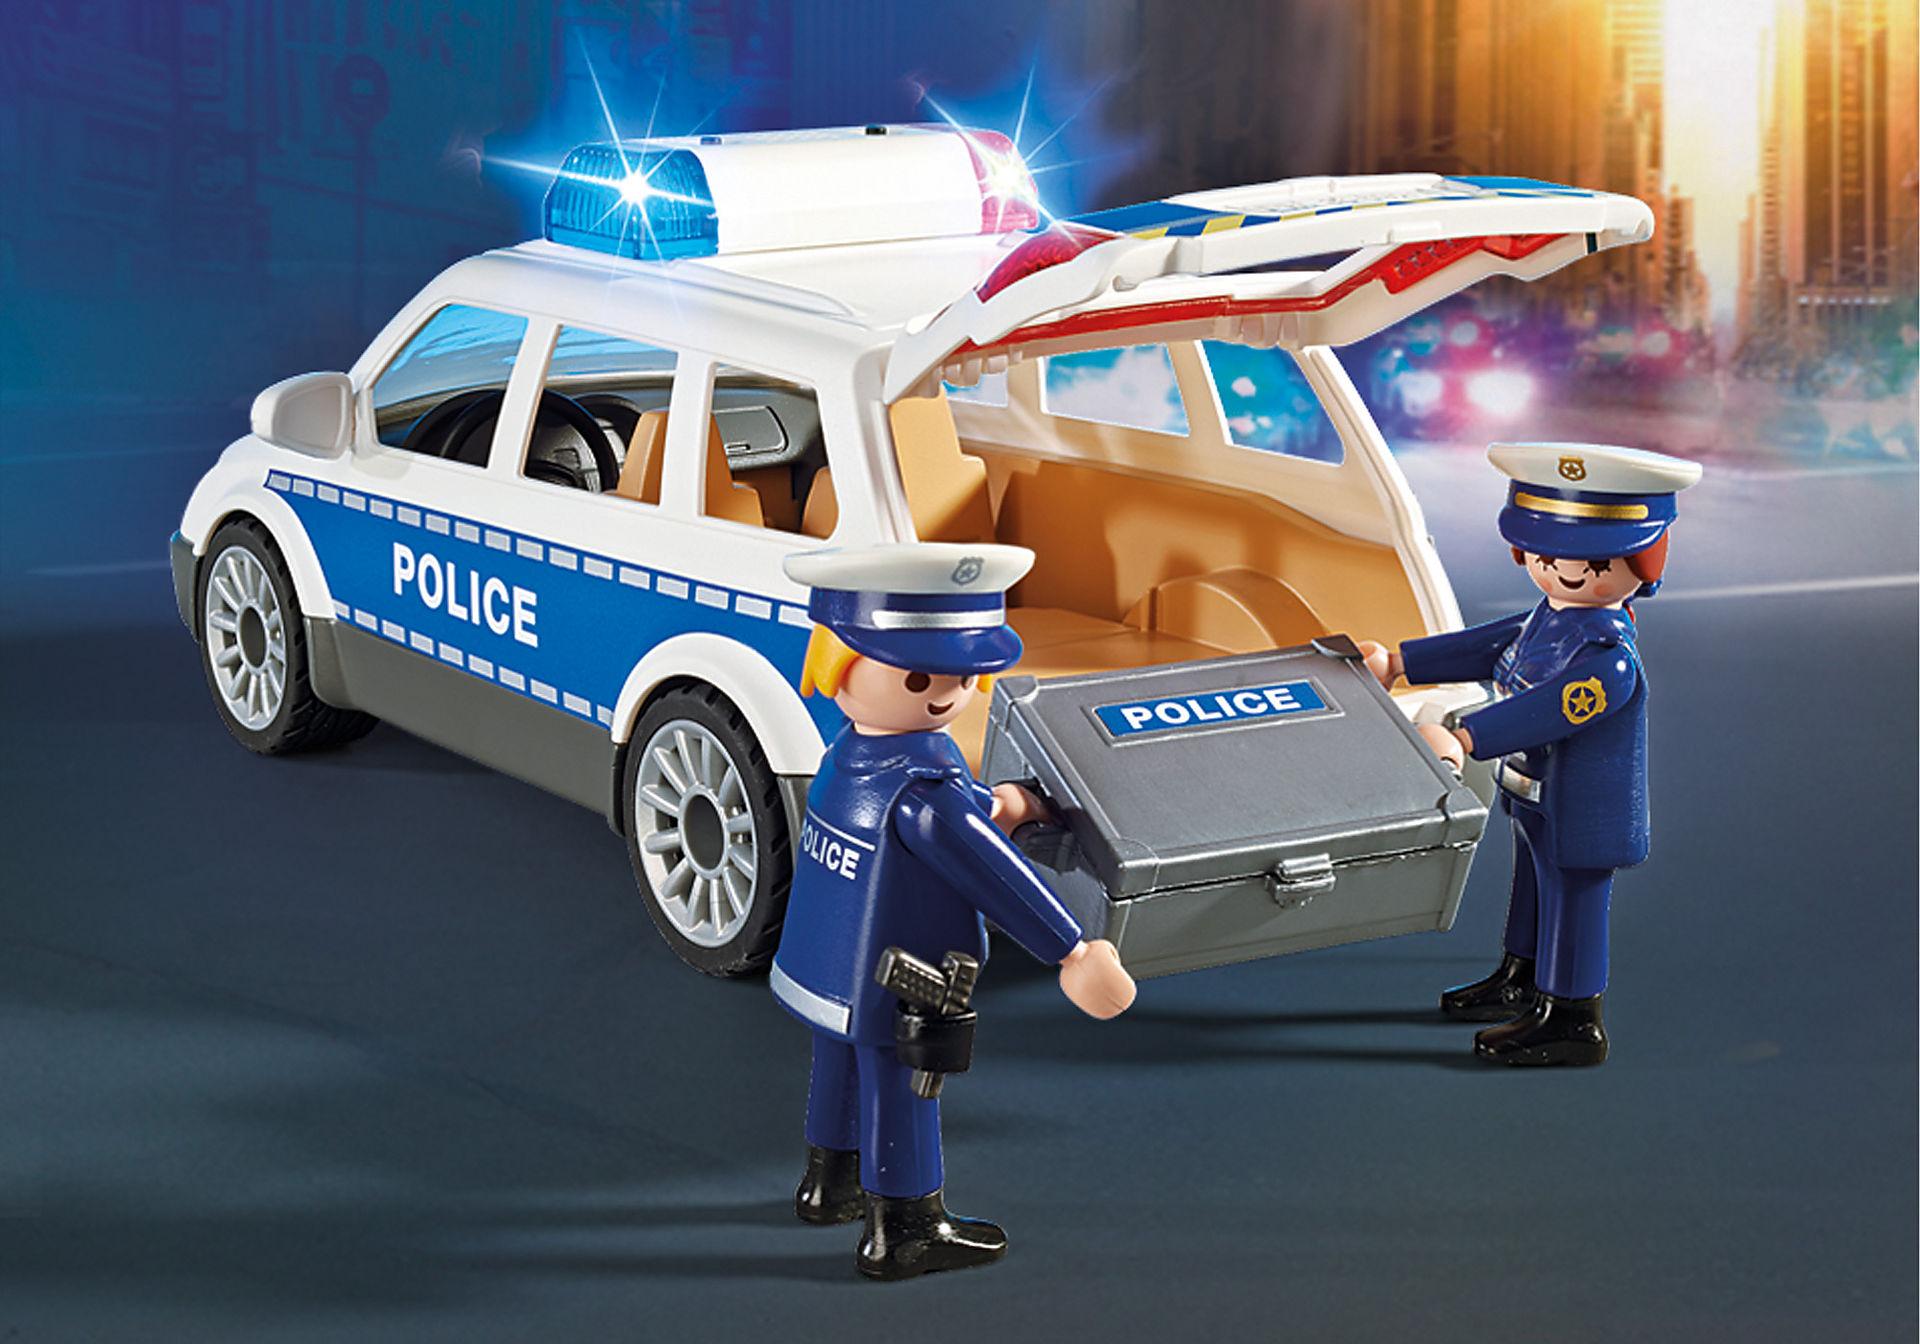 http://media.playmobil.com/i/playmobil/6920_product_extra2/Polisbil med ljus och ljud